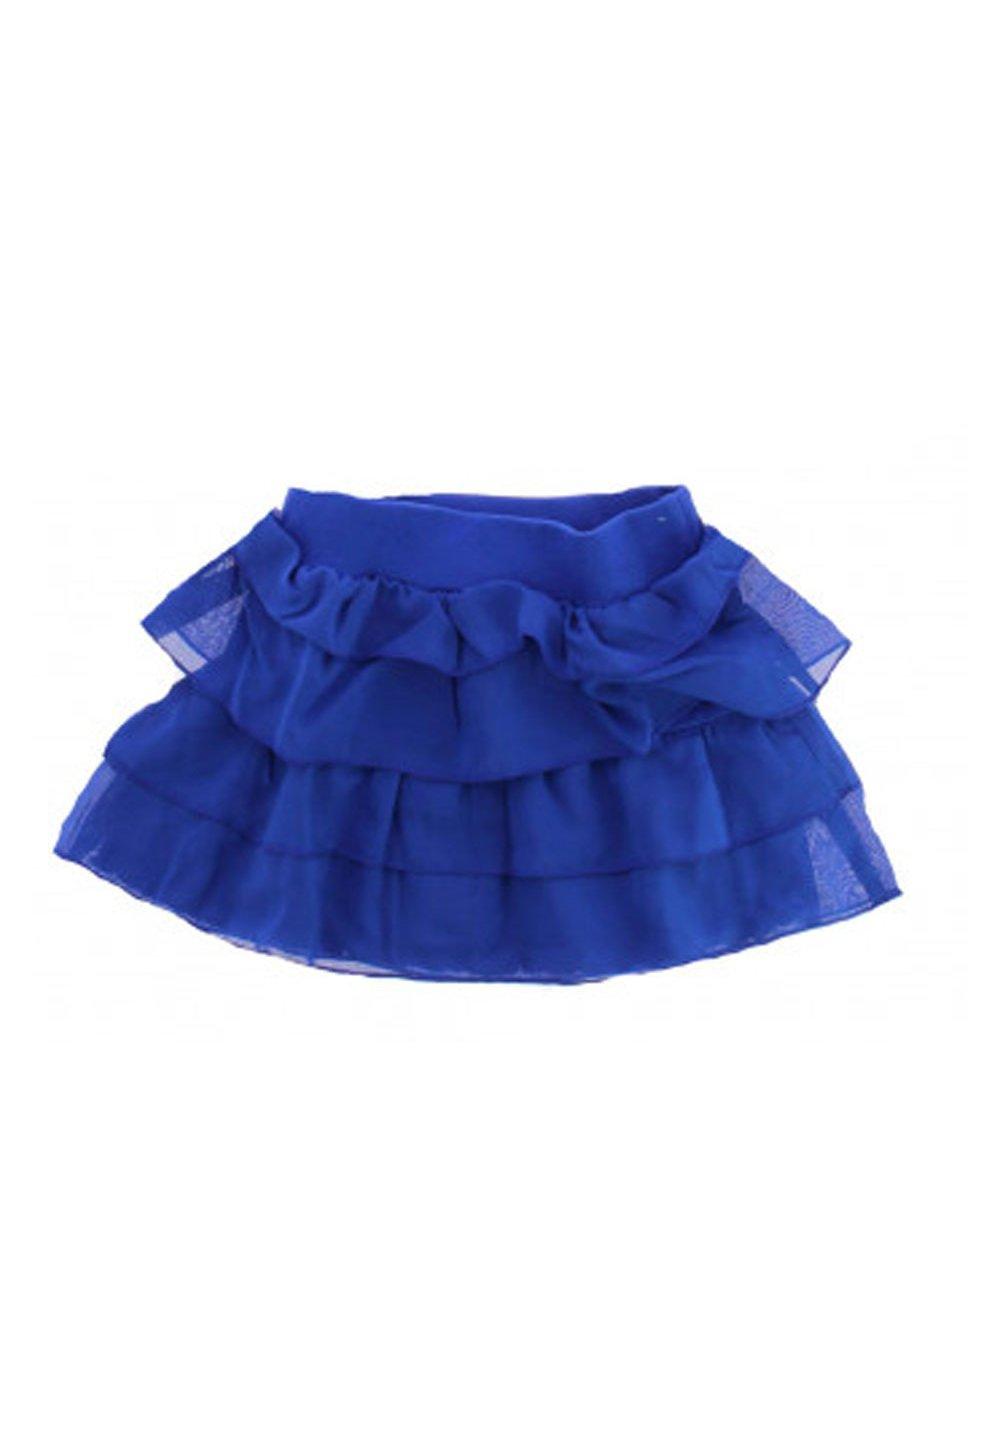 Fusta albastra imagine